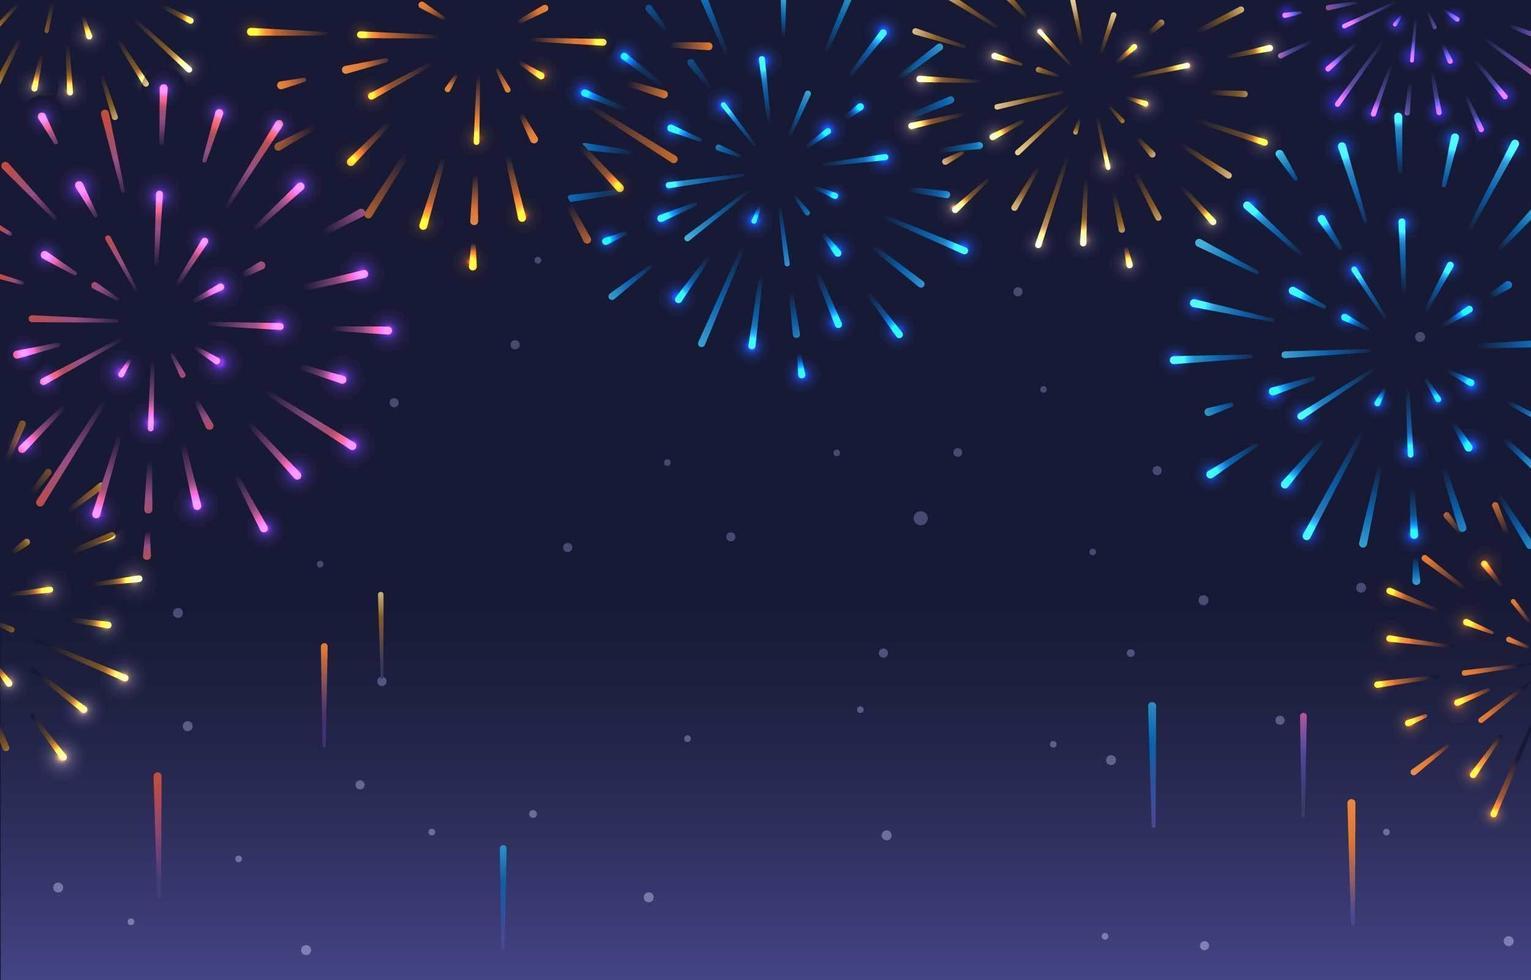 kleurrijke vuurwerk achtergrond vector